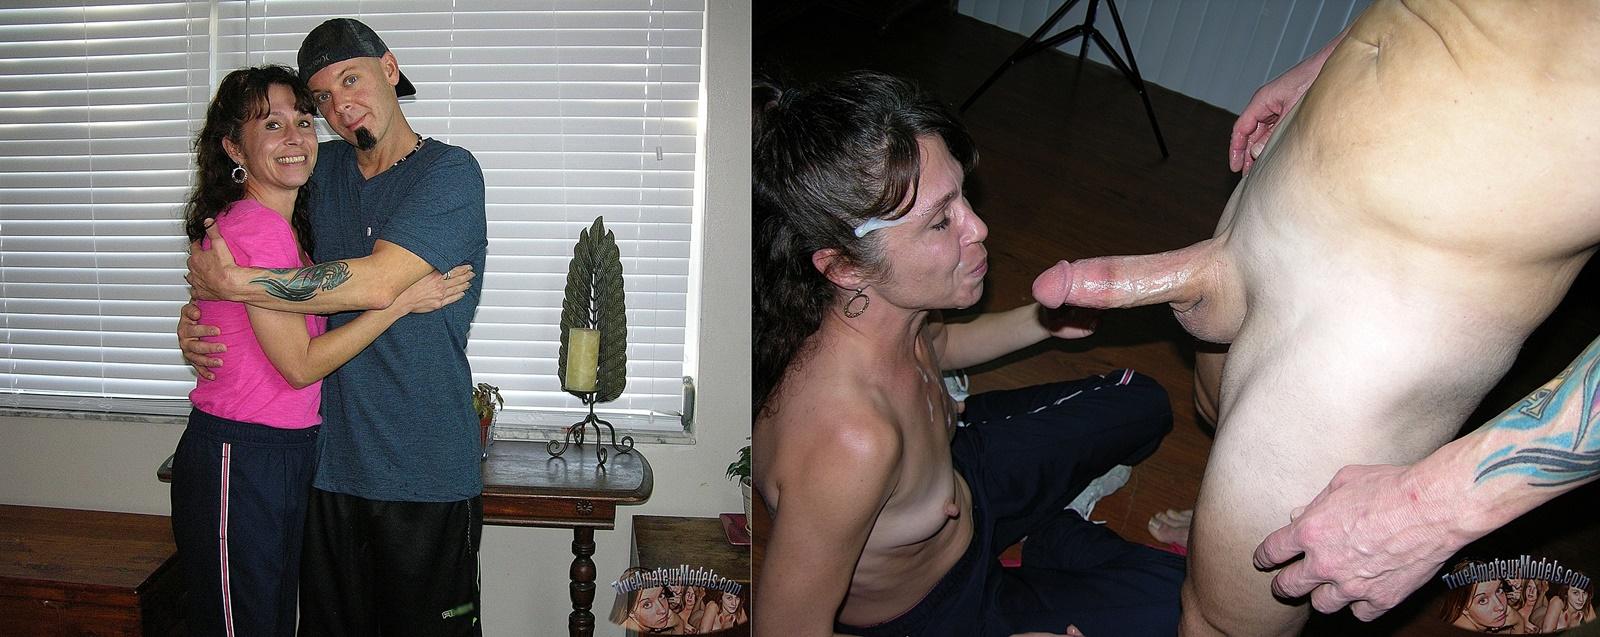 Jasmine jones pornstar